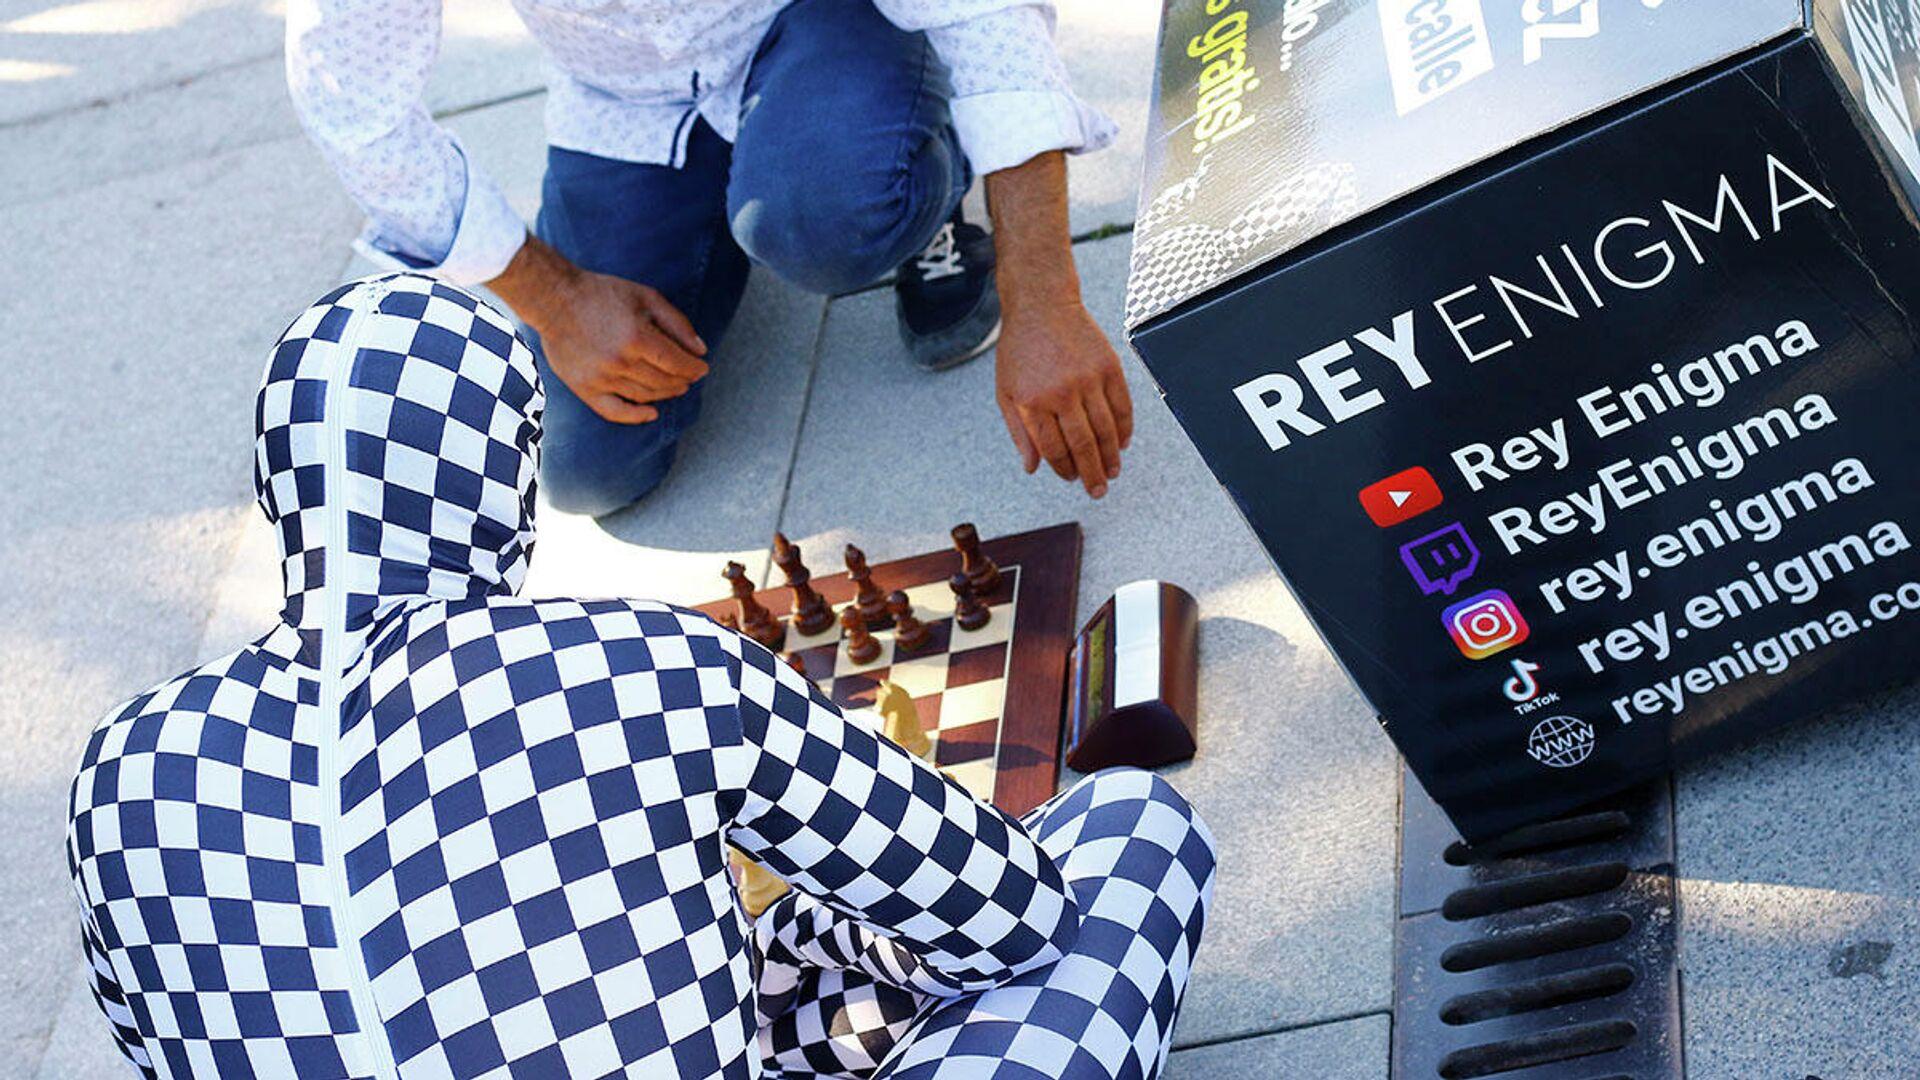 El llamado Rey Enigma juega al ajedrez en el parque de El Retiro de Madrid - Sputnik Mundo, 1920, 08.07.2021